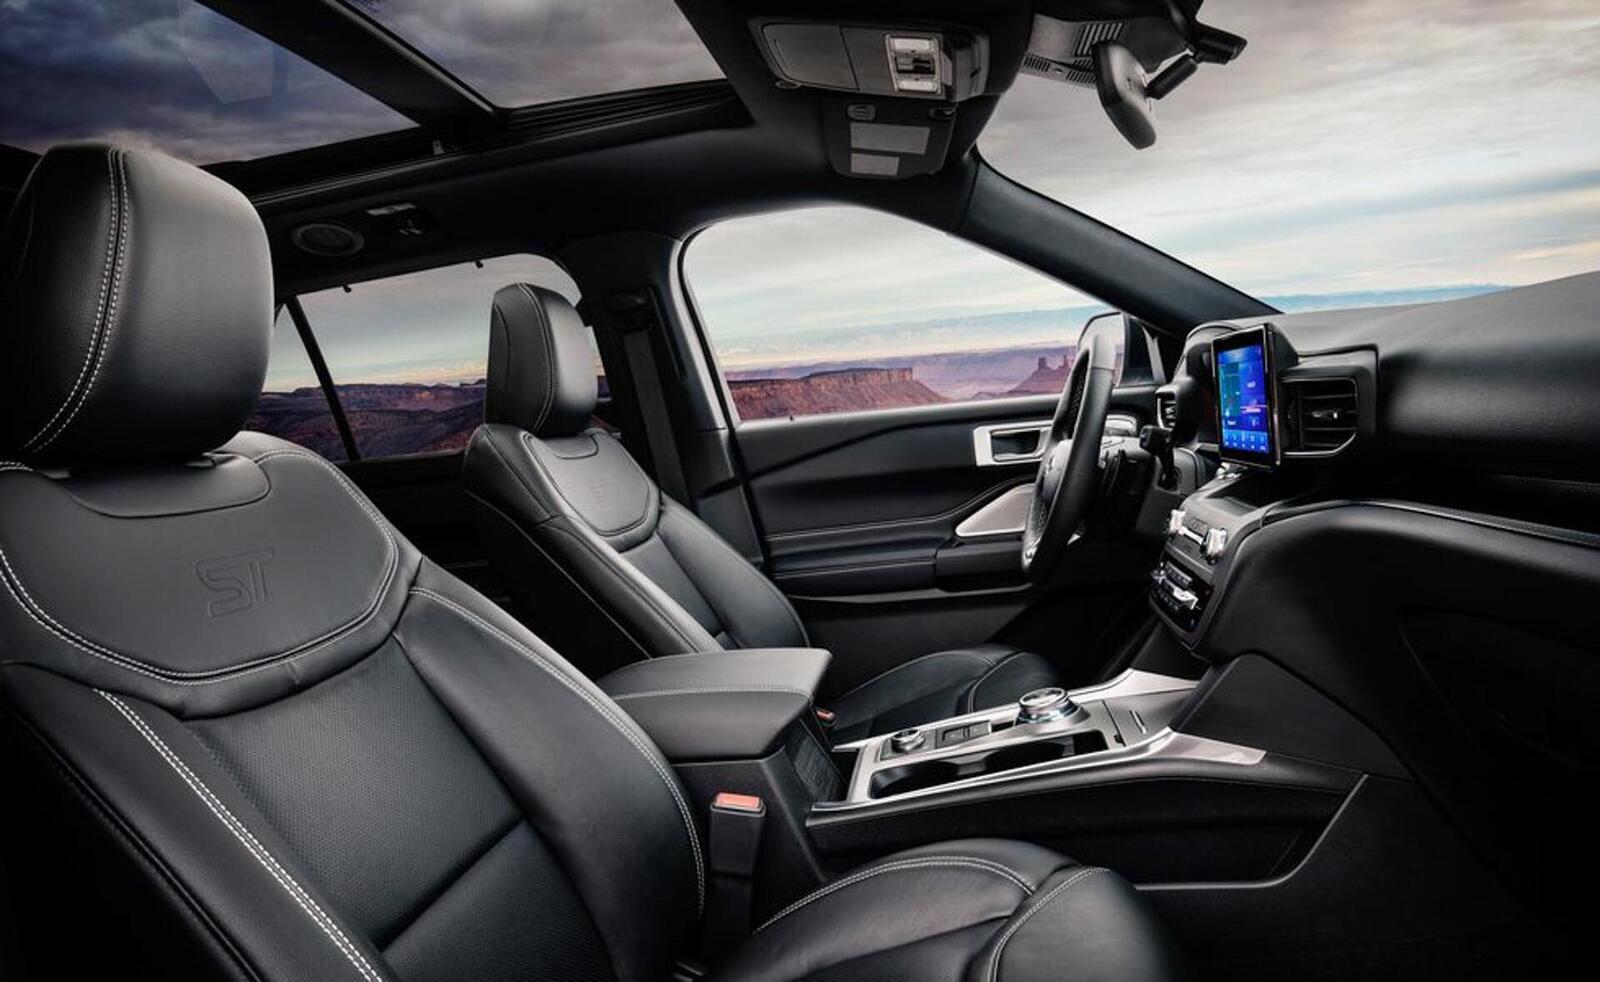 Ford giới thiệu Explorer ST 2020: Phiên bản mạnh nhất lắp máy V6 3.0L tăng áp 400 mã lực - Hình 19